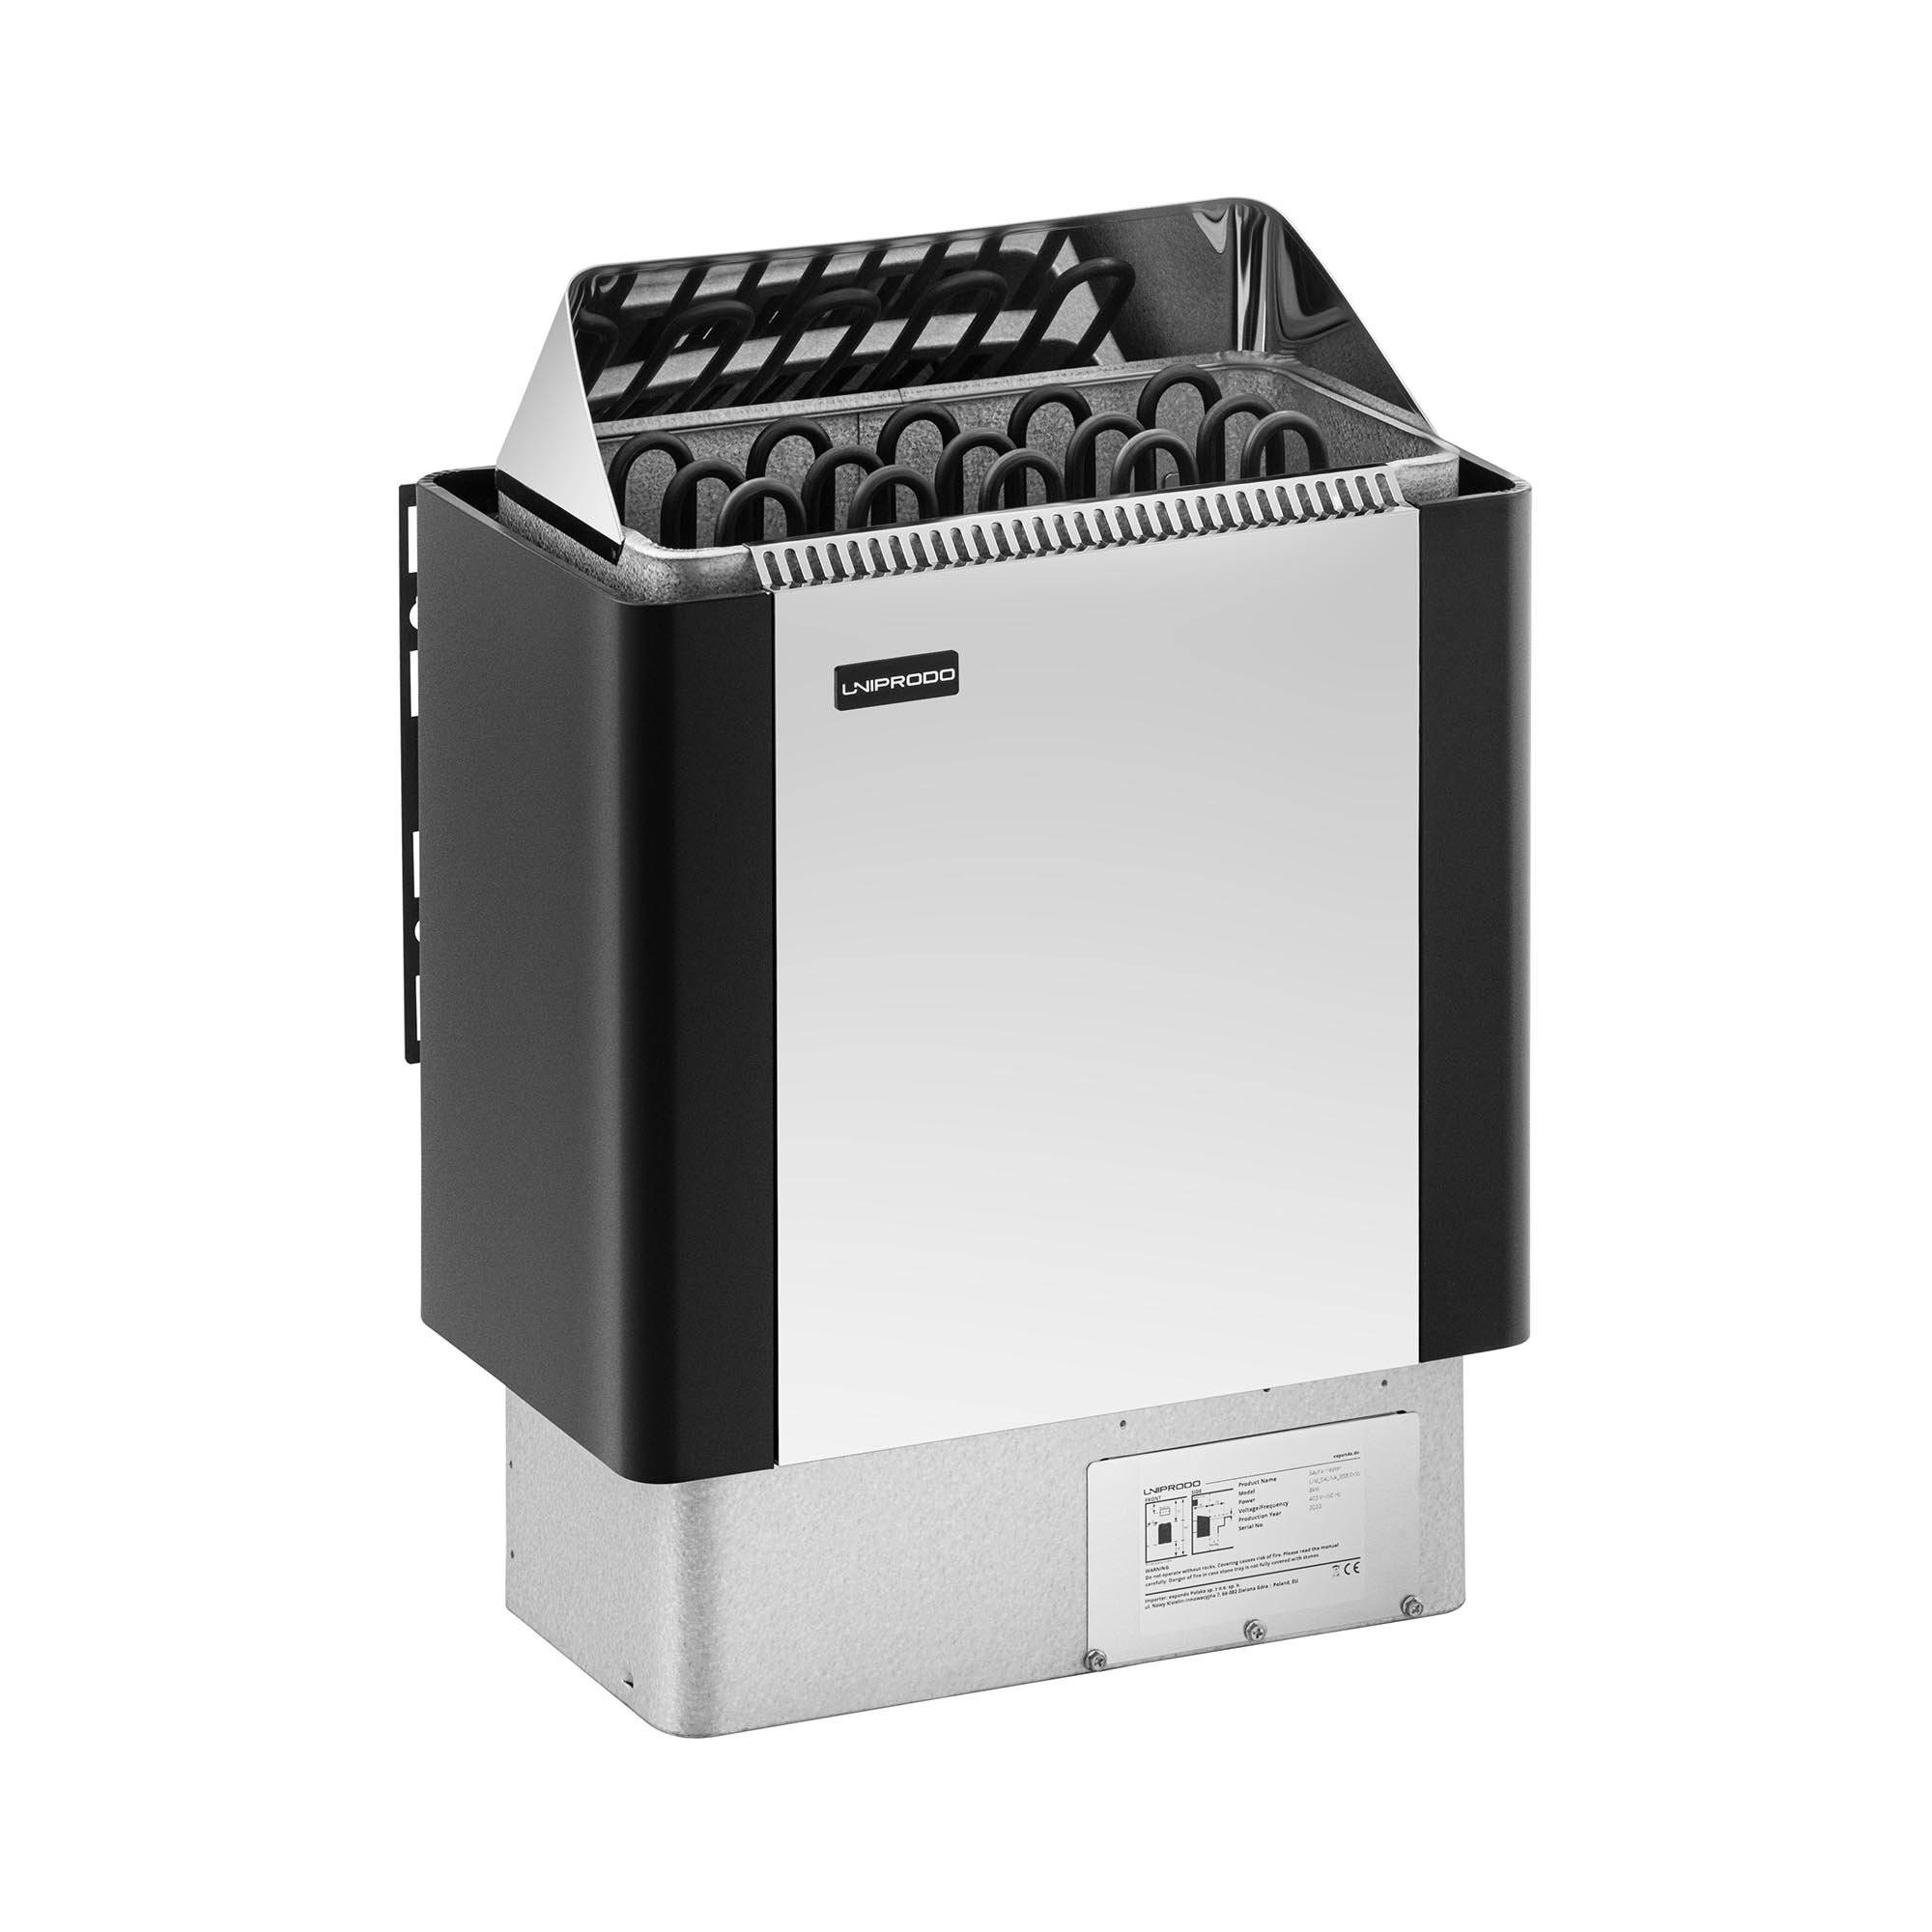 Uniprodo Poêle pour sauna - 8 kW - 30 à 110 °C - Enveloppe en inox UNI_SAUNA_BS8.0KW